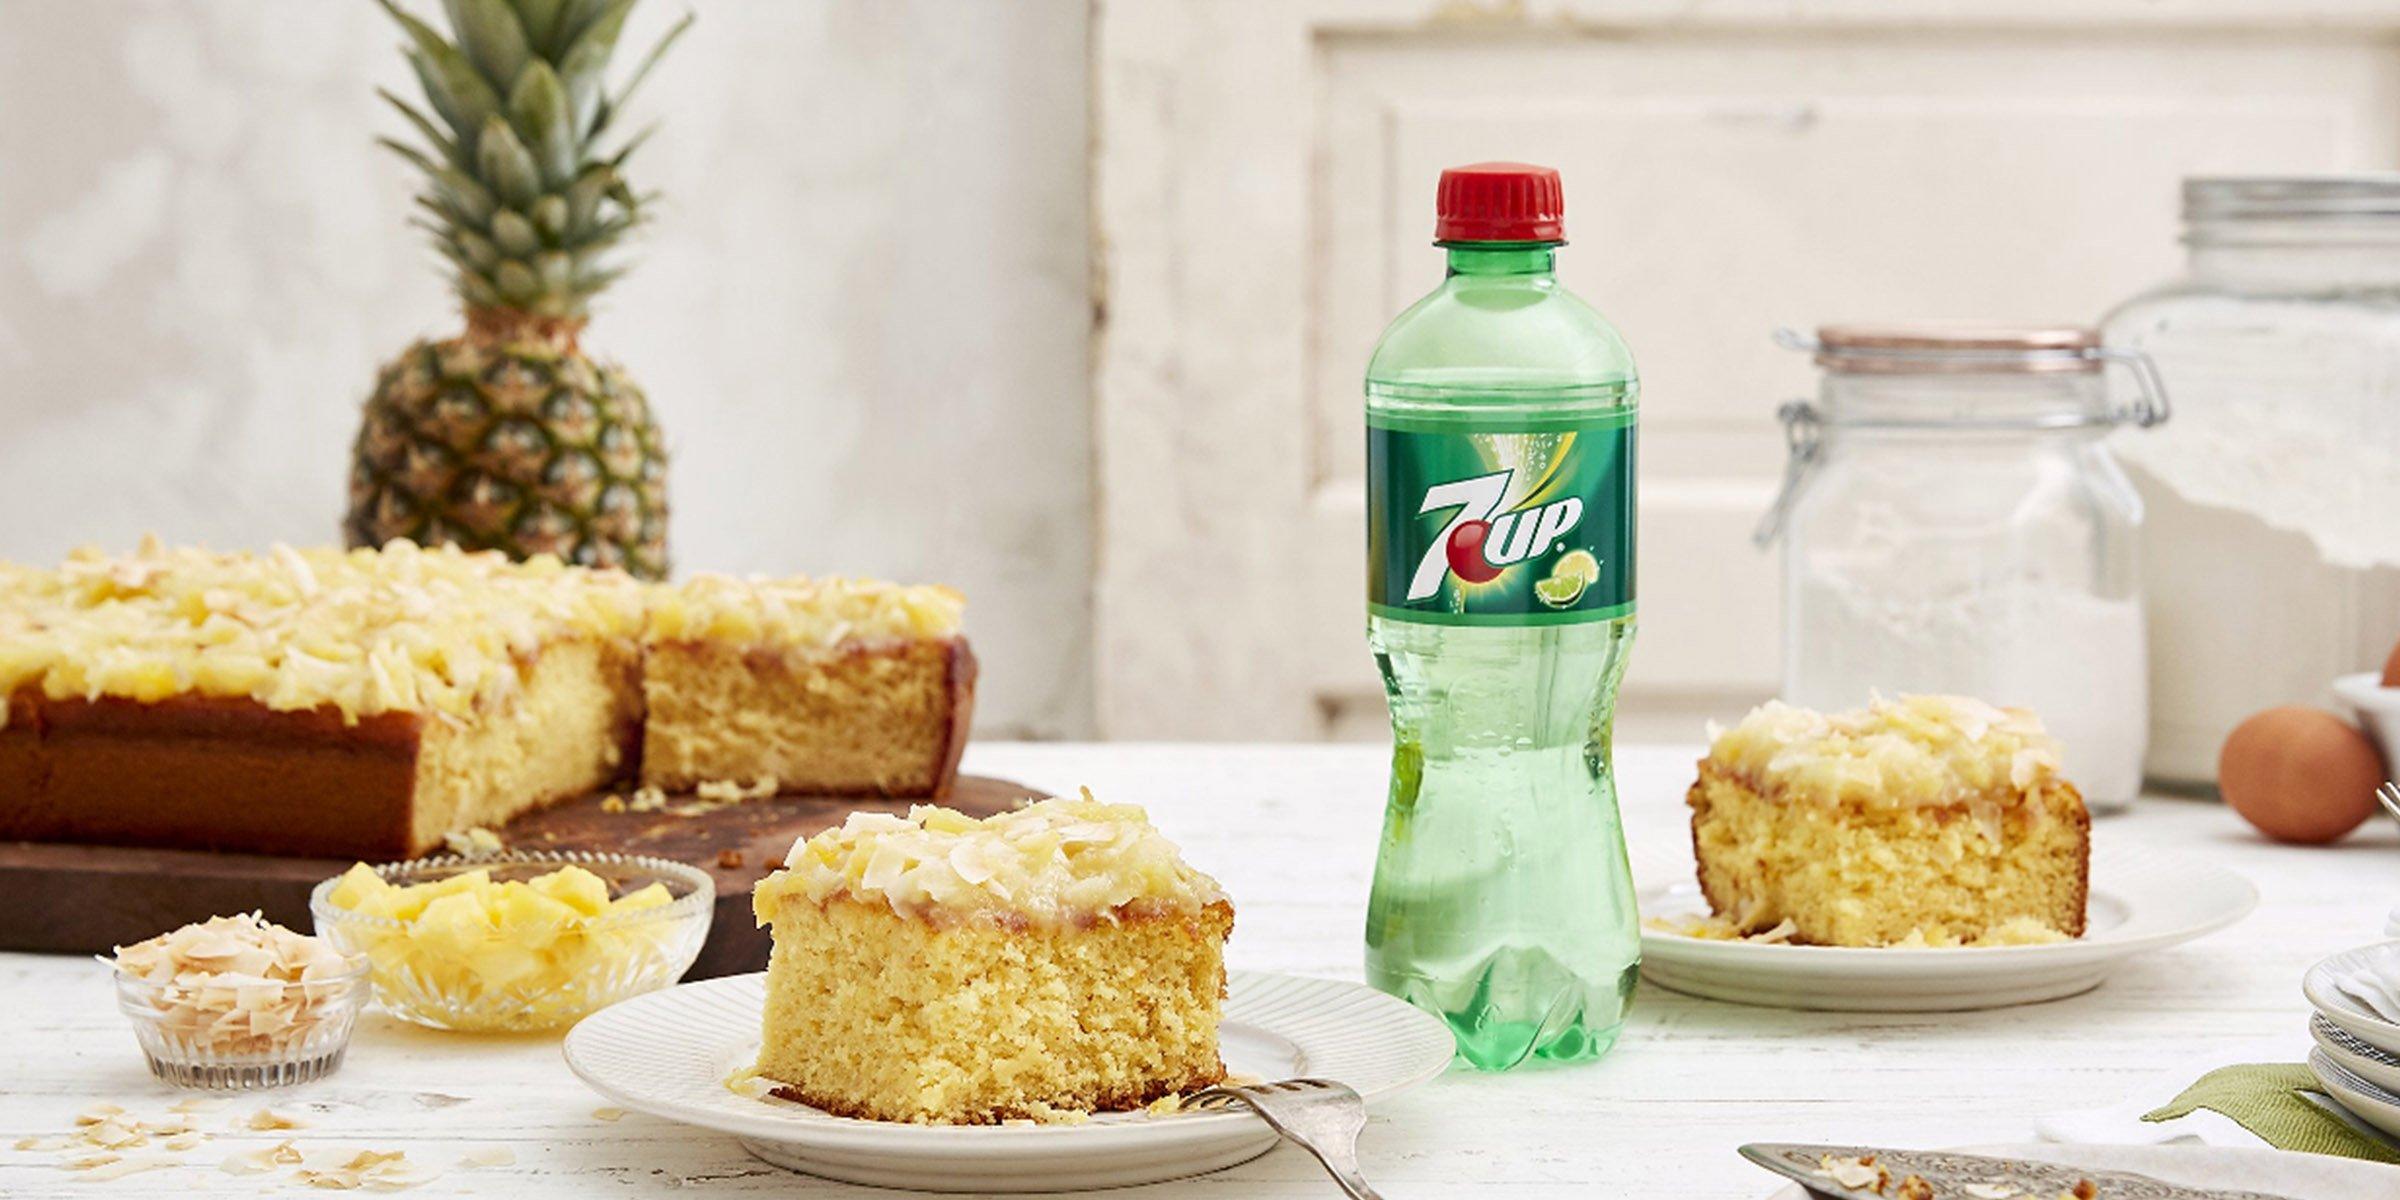 Pineapple Sheet Cake Recipe 7up 174